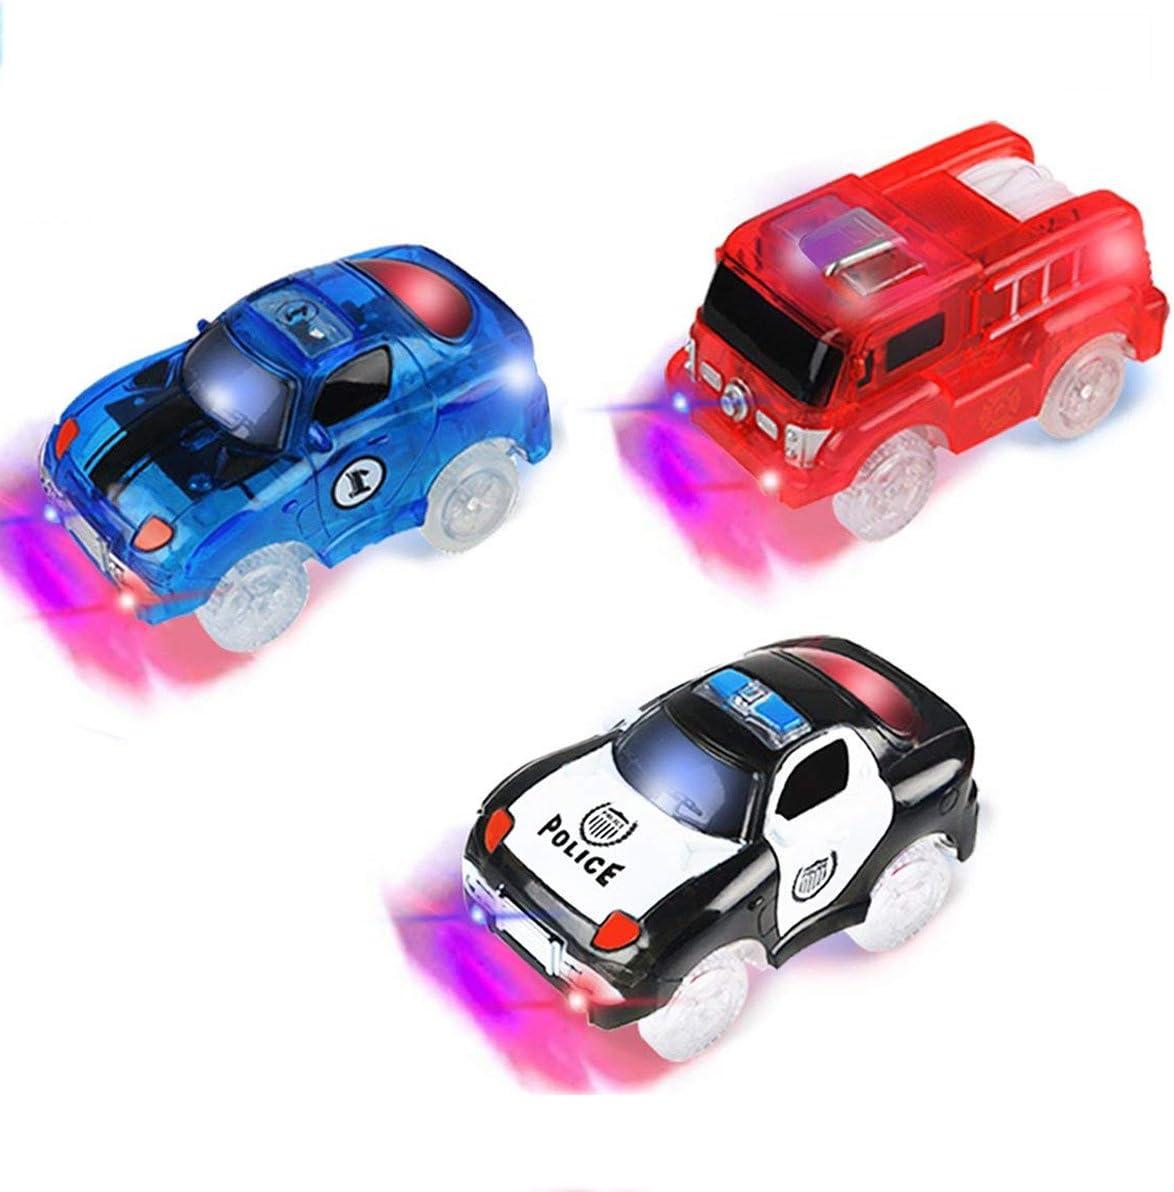 PROACC Track Race Car, Circuito Coches Juguete Niño, Coches Led Accesorios de Pista para Niños 3 4 5 6 Años (3 Coches)